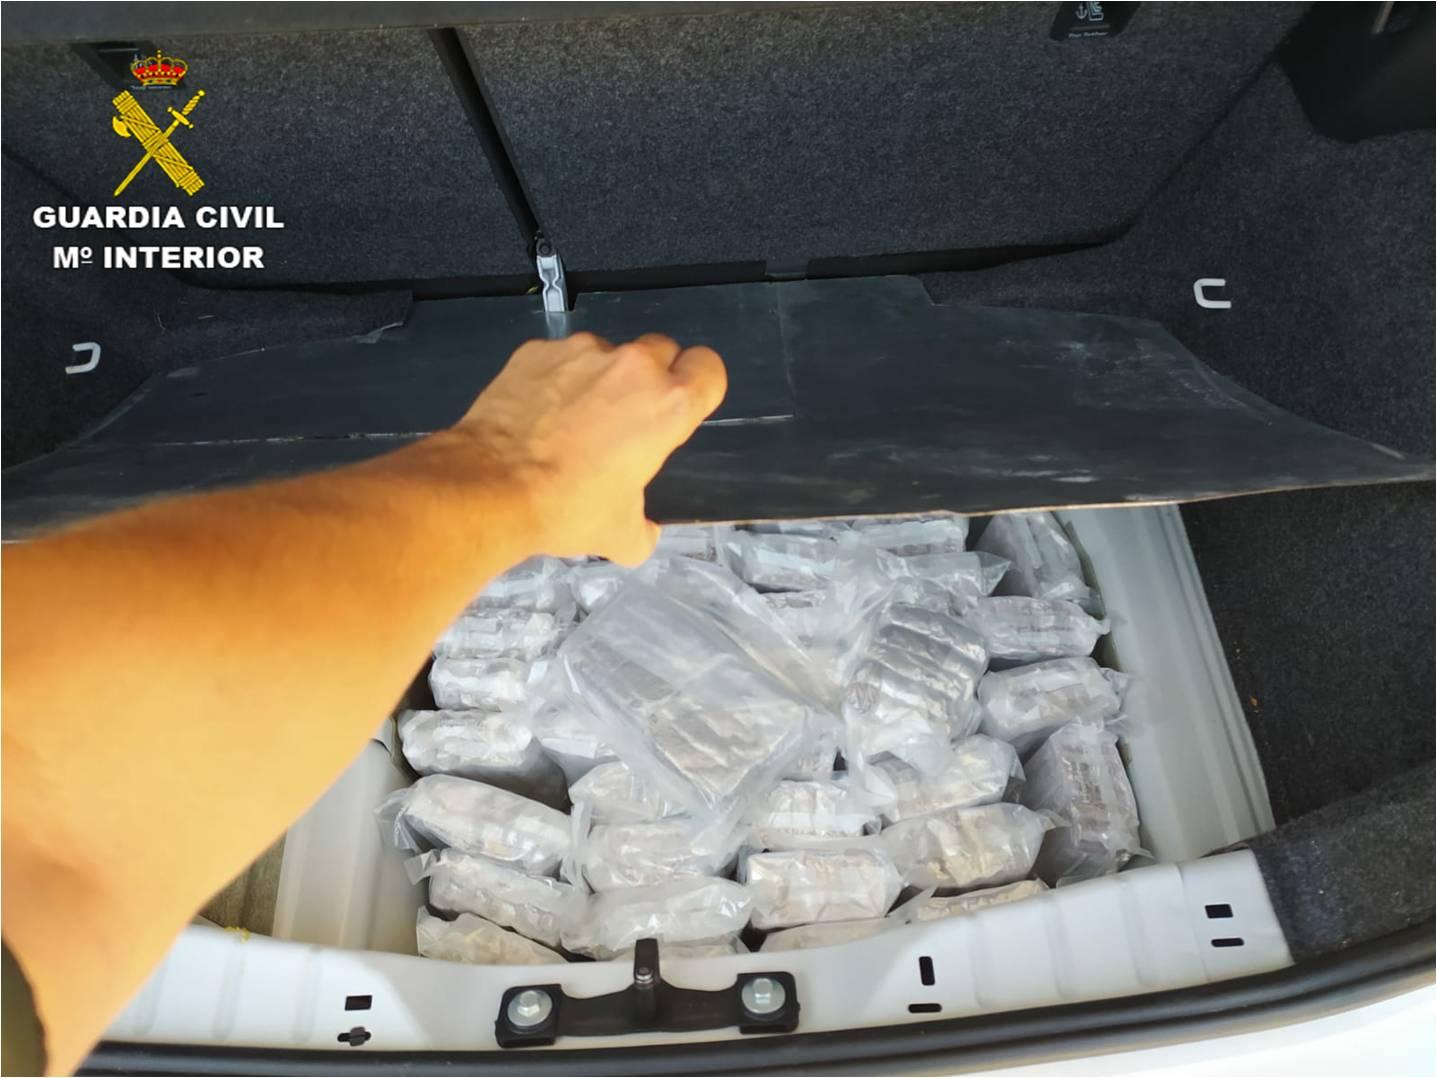 Kilos de hachís en el maletero del vehículo